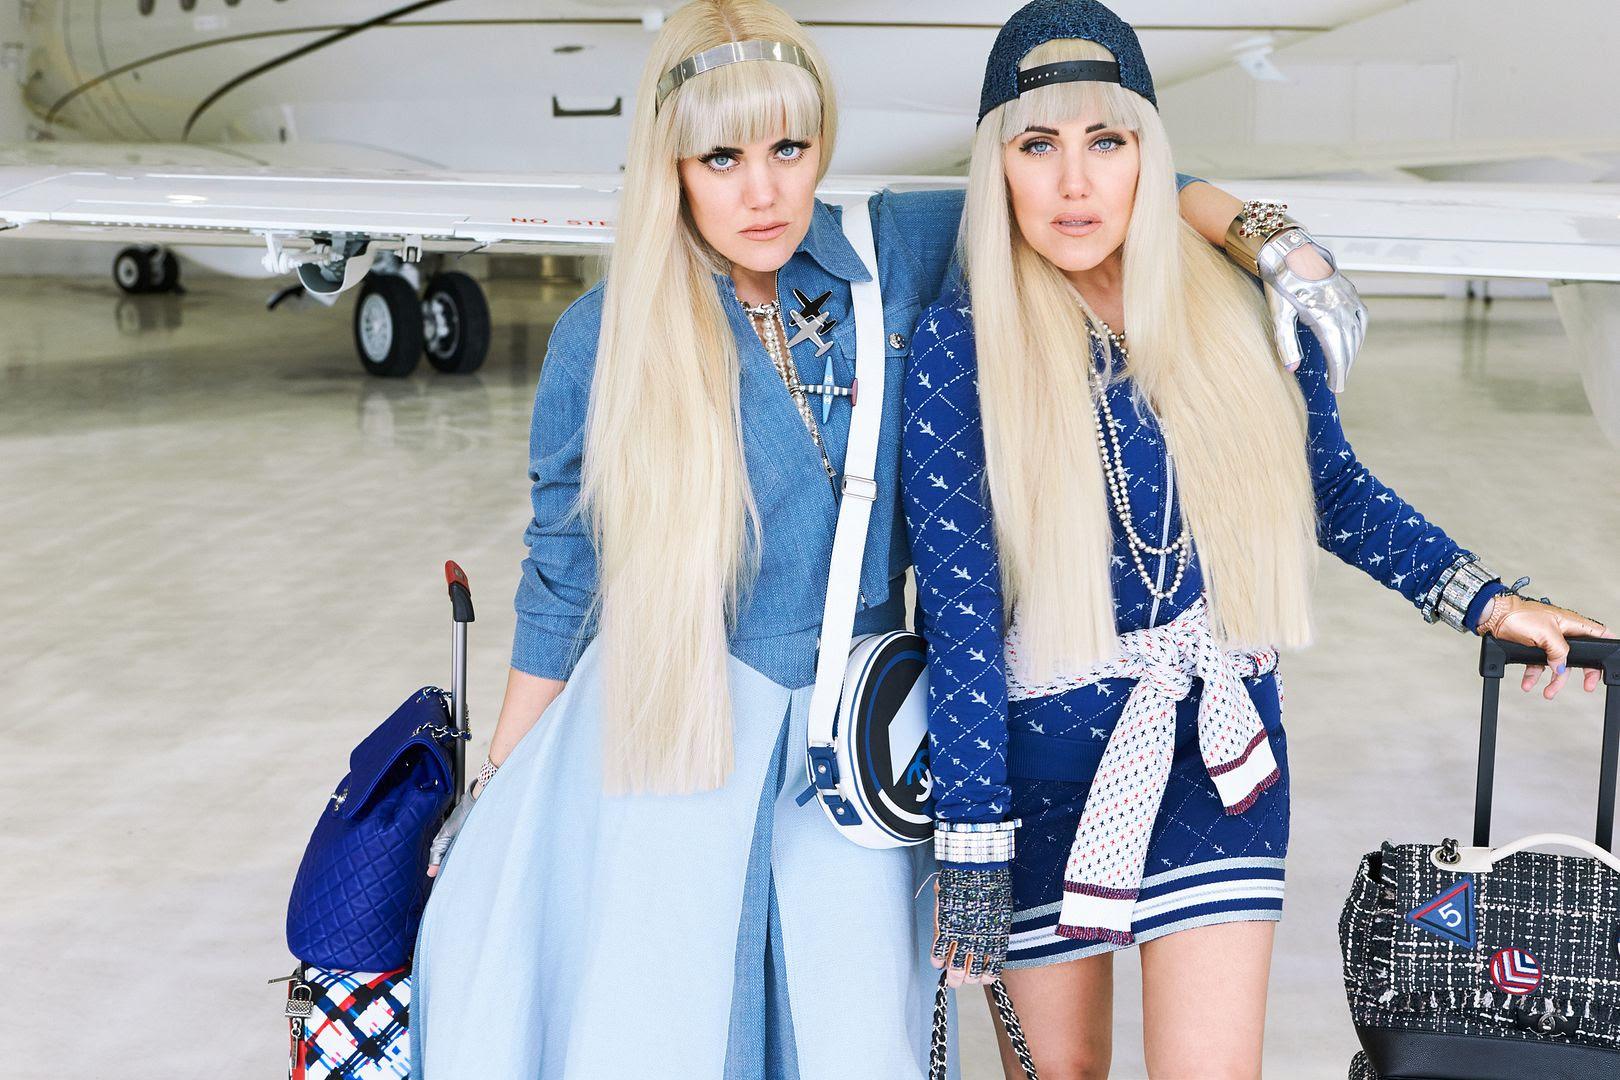 photo samandcaillibeckerman-chanelgirls-chaneltwins-beckermansxchanel-chanelairlines-luggage-jetset_zpszdnjcte9.jpg